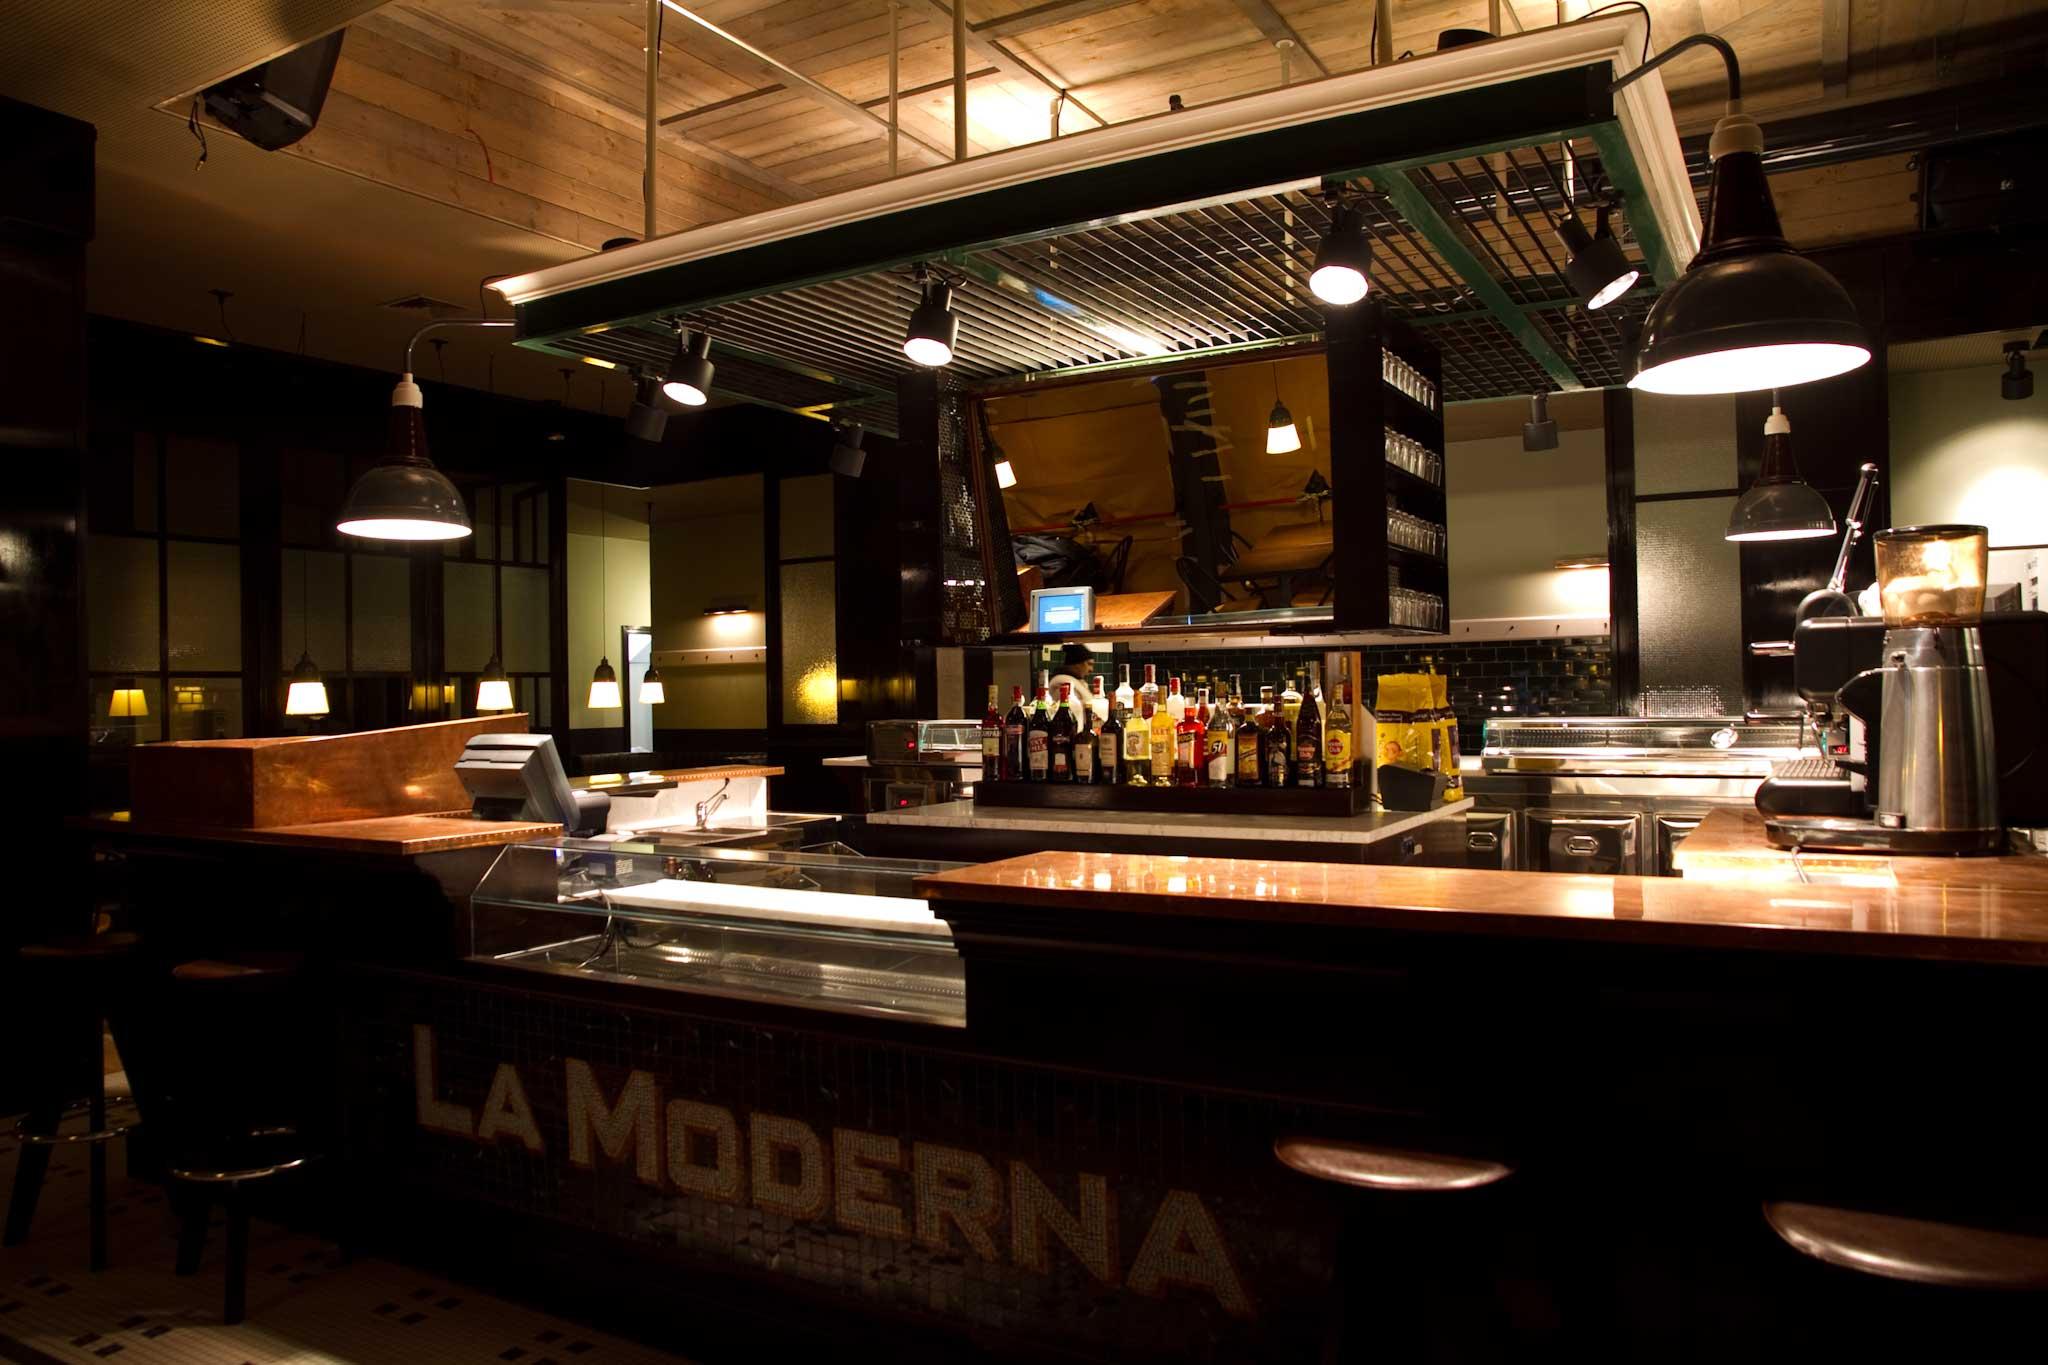 Roma la moderna che apre a testaccio in stile retr foto for La cucina moderna wikipedia